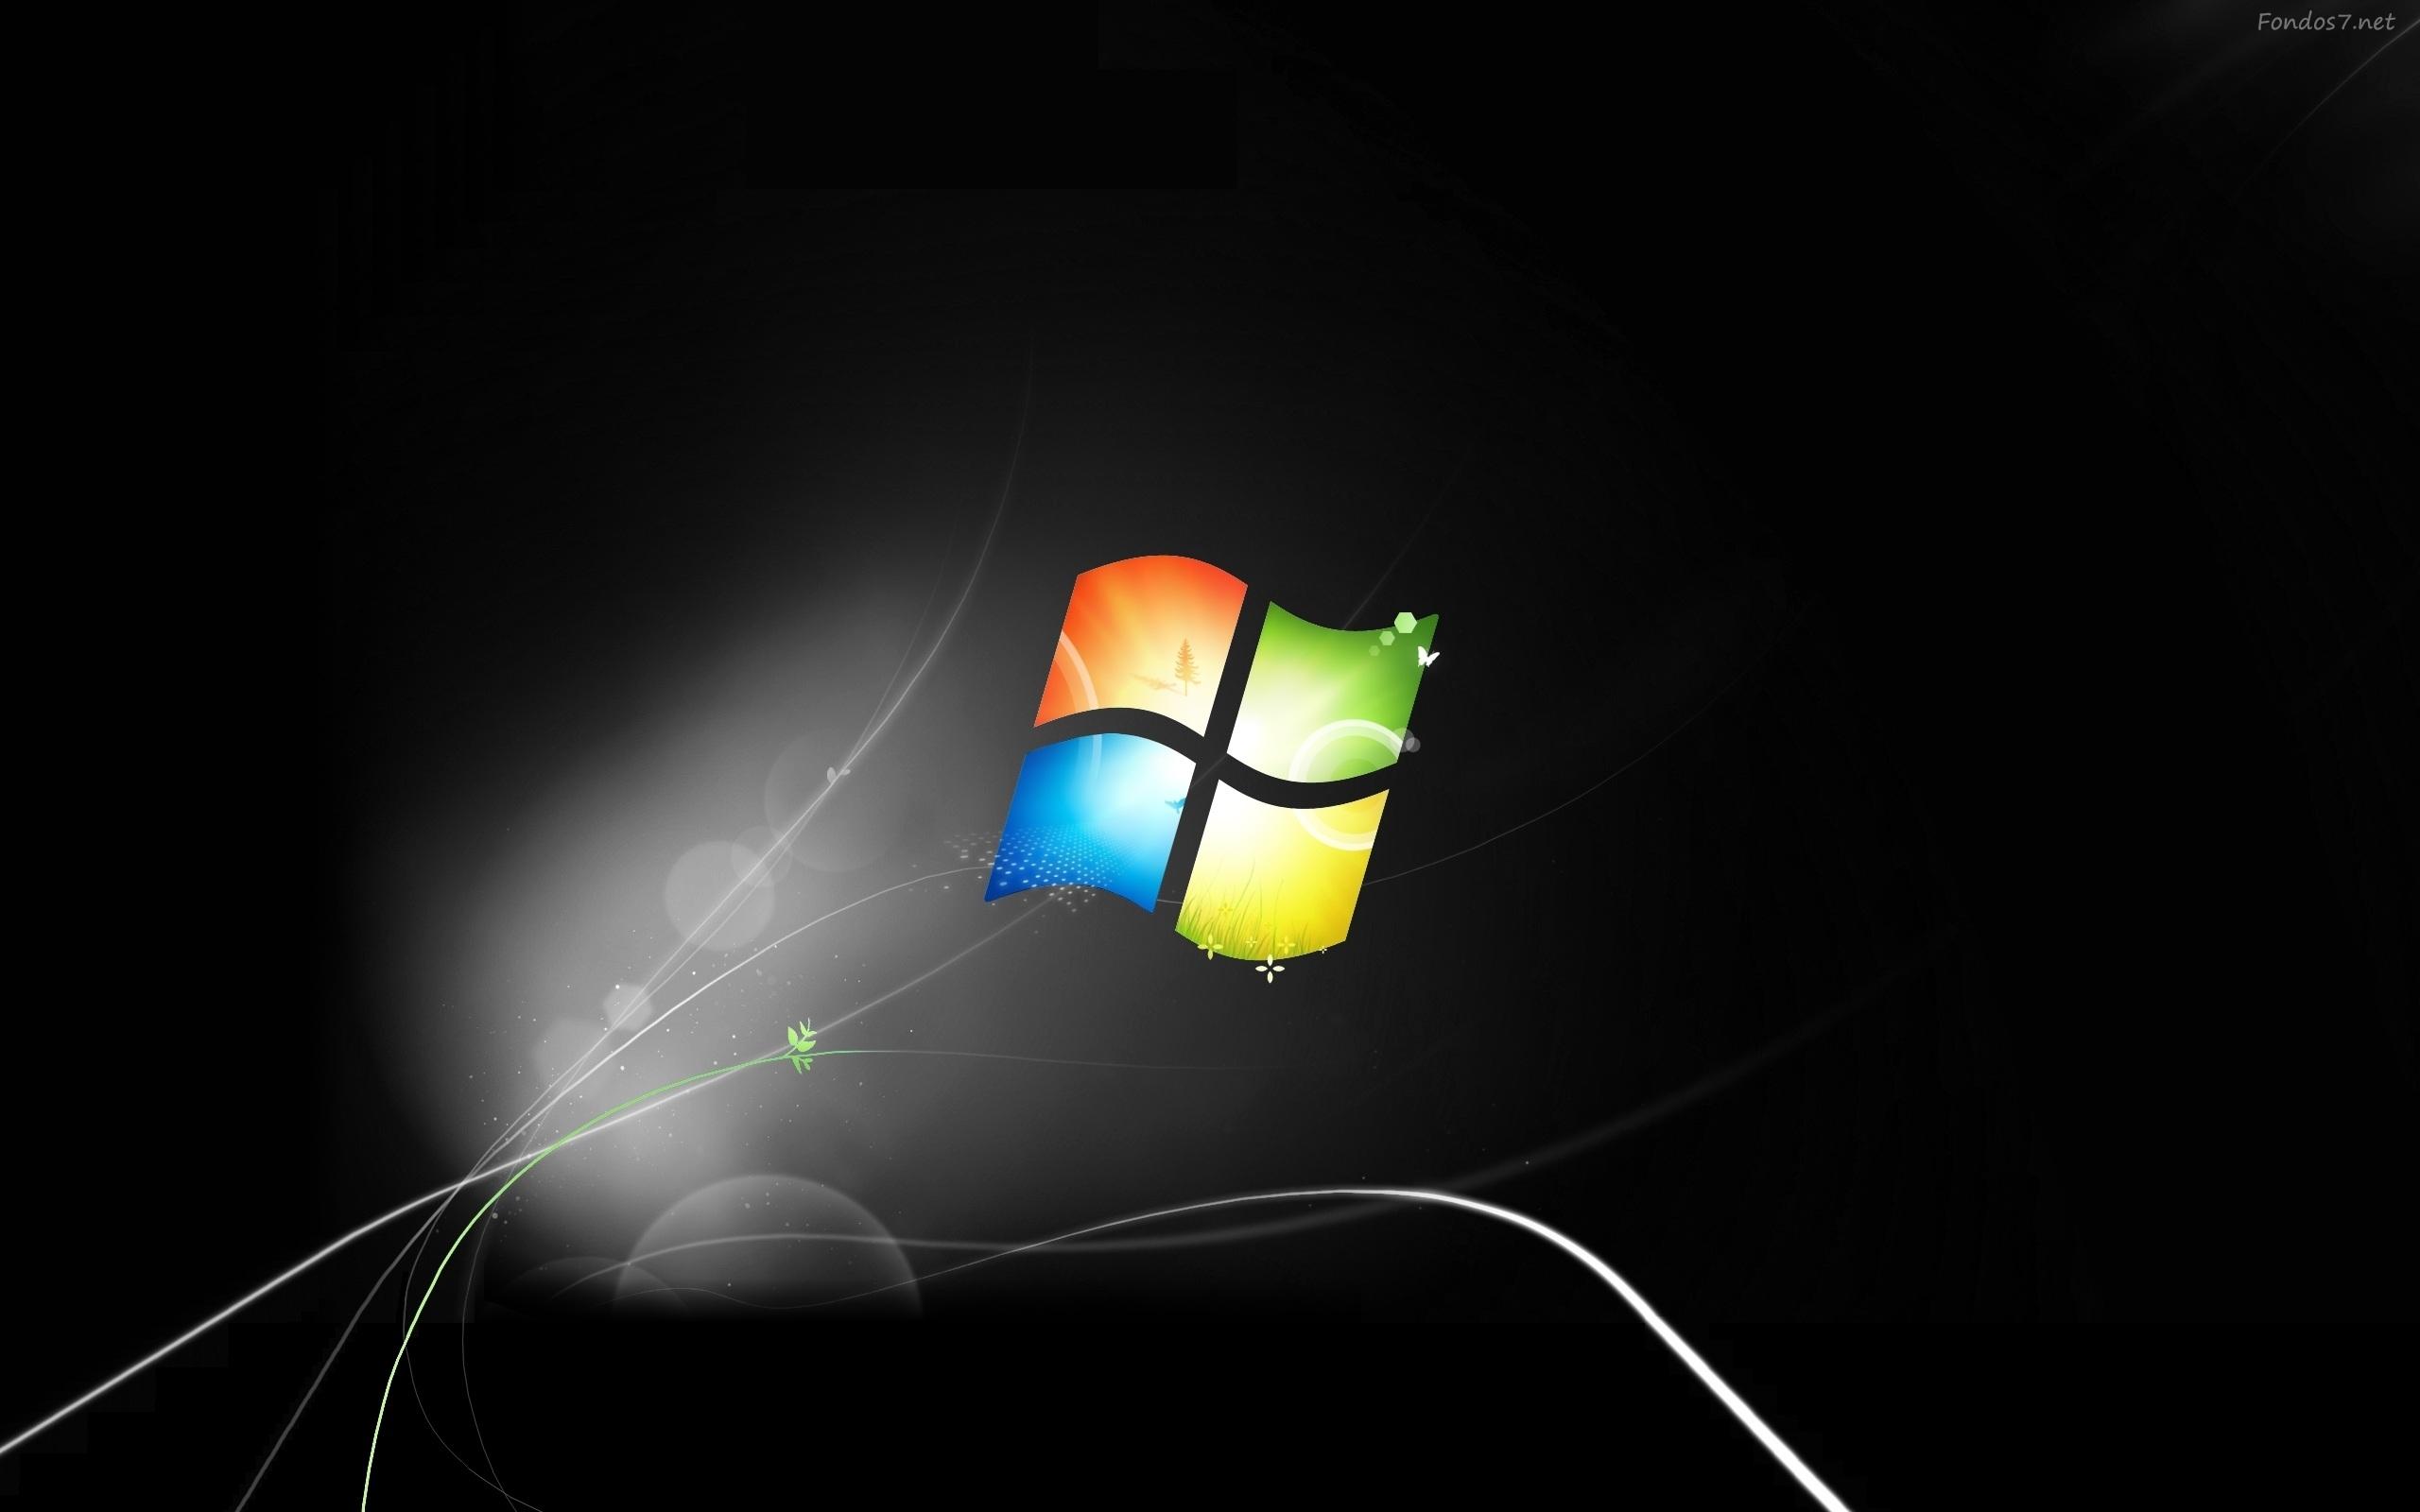 Free Download Descargar Fondos De Pantalla Windows 7 Black